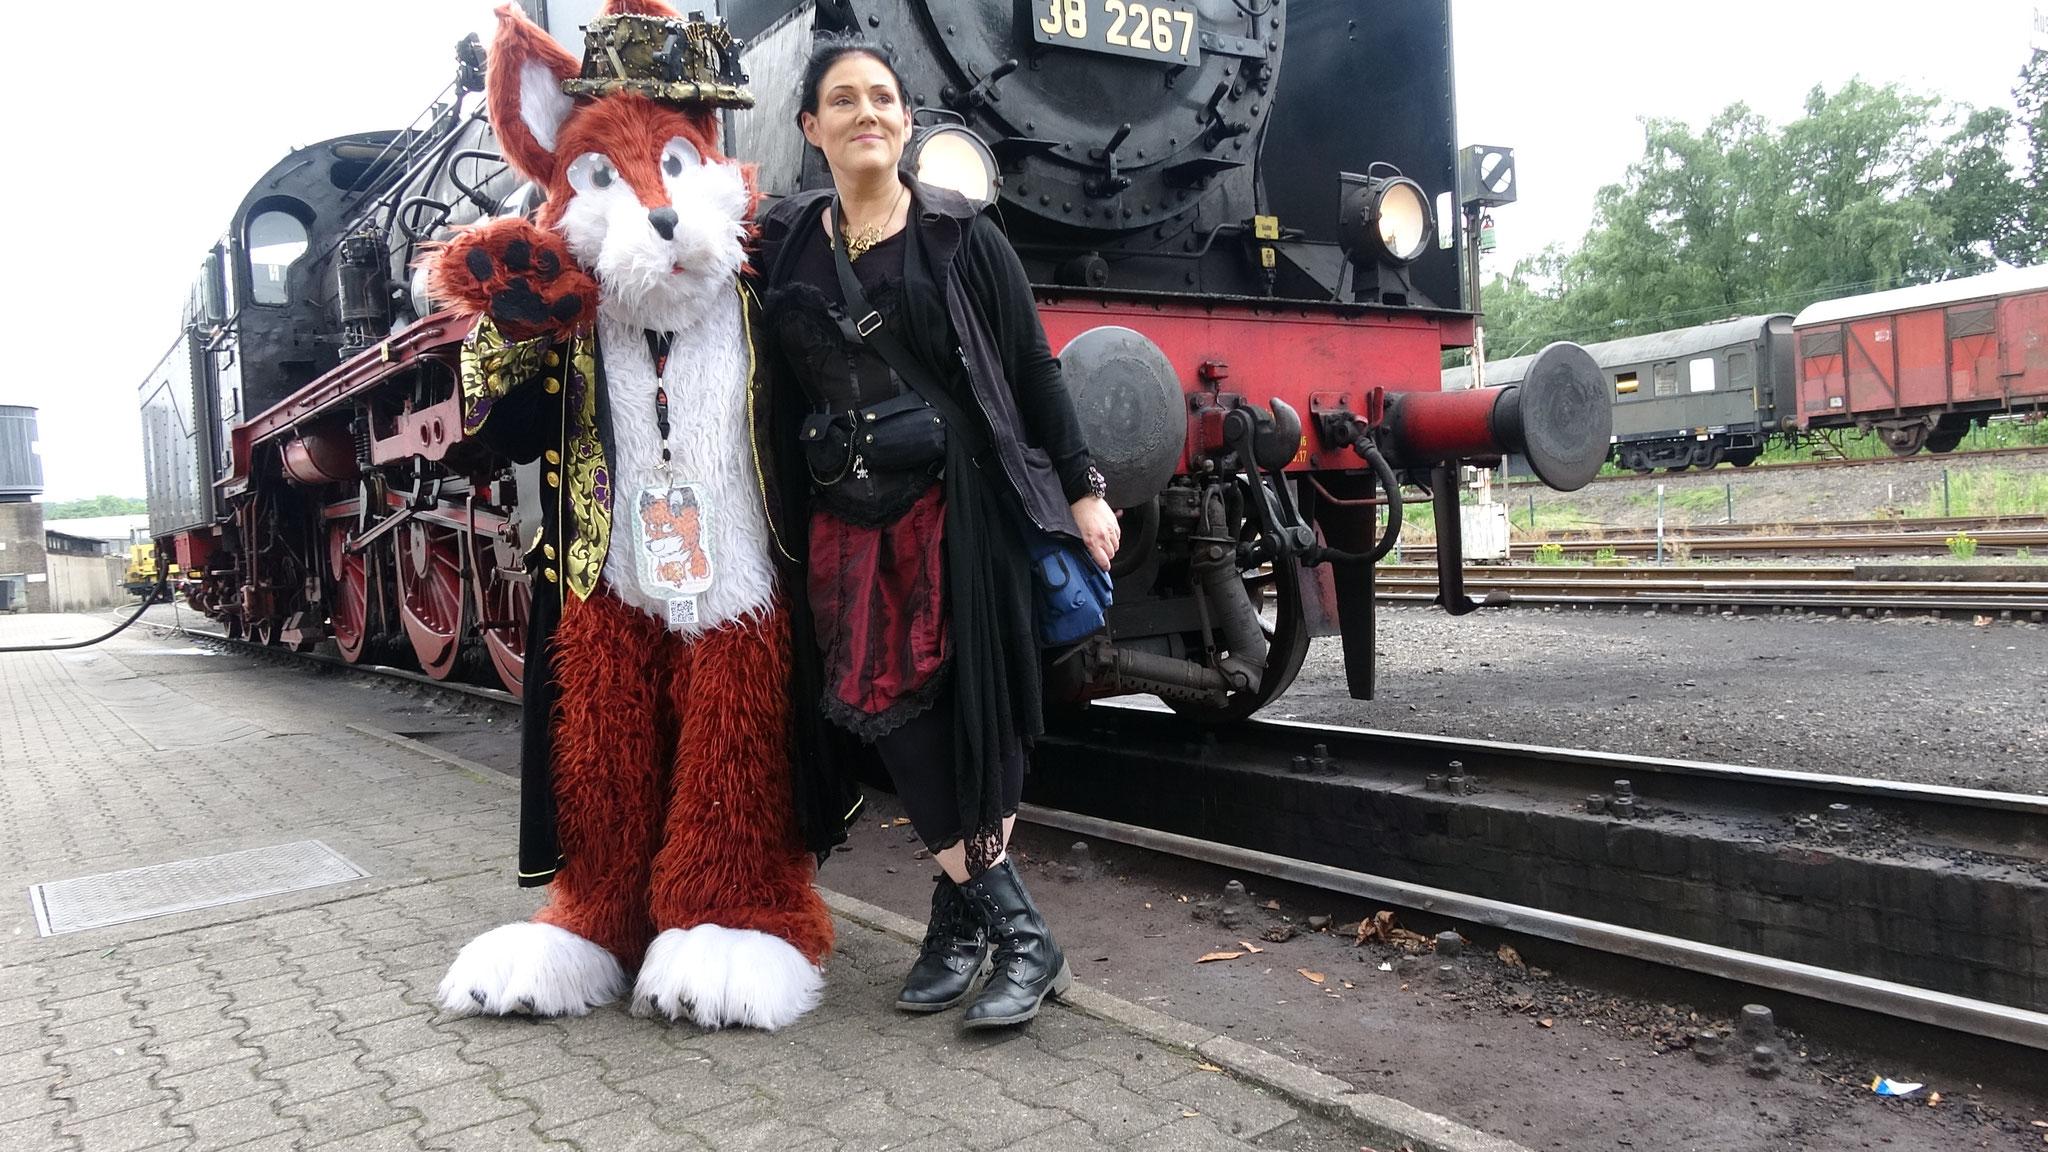 Eisenbahnmuseum Bochum